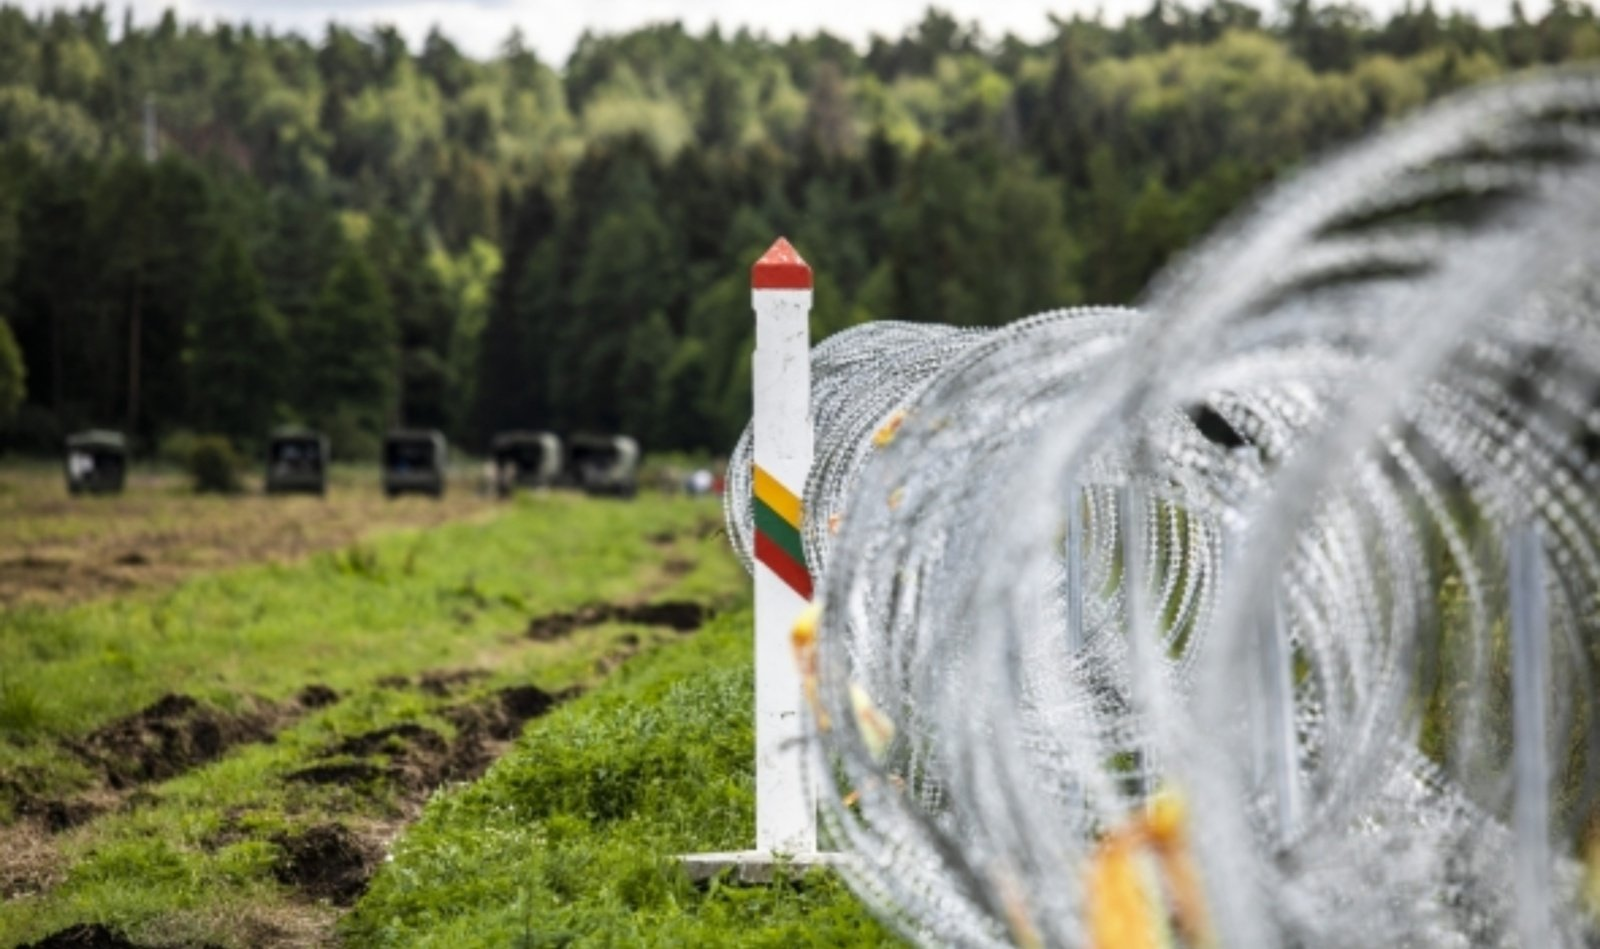 Pradėtas ikiteisminis tyrimas dėl EŽTT minimų afganistaniečių slėpimo Lietuvoje